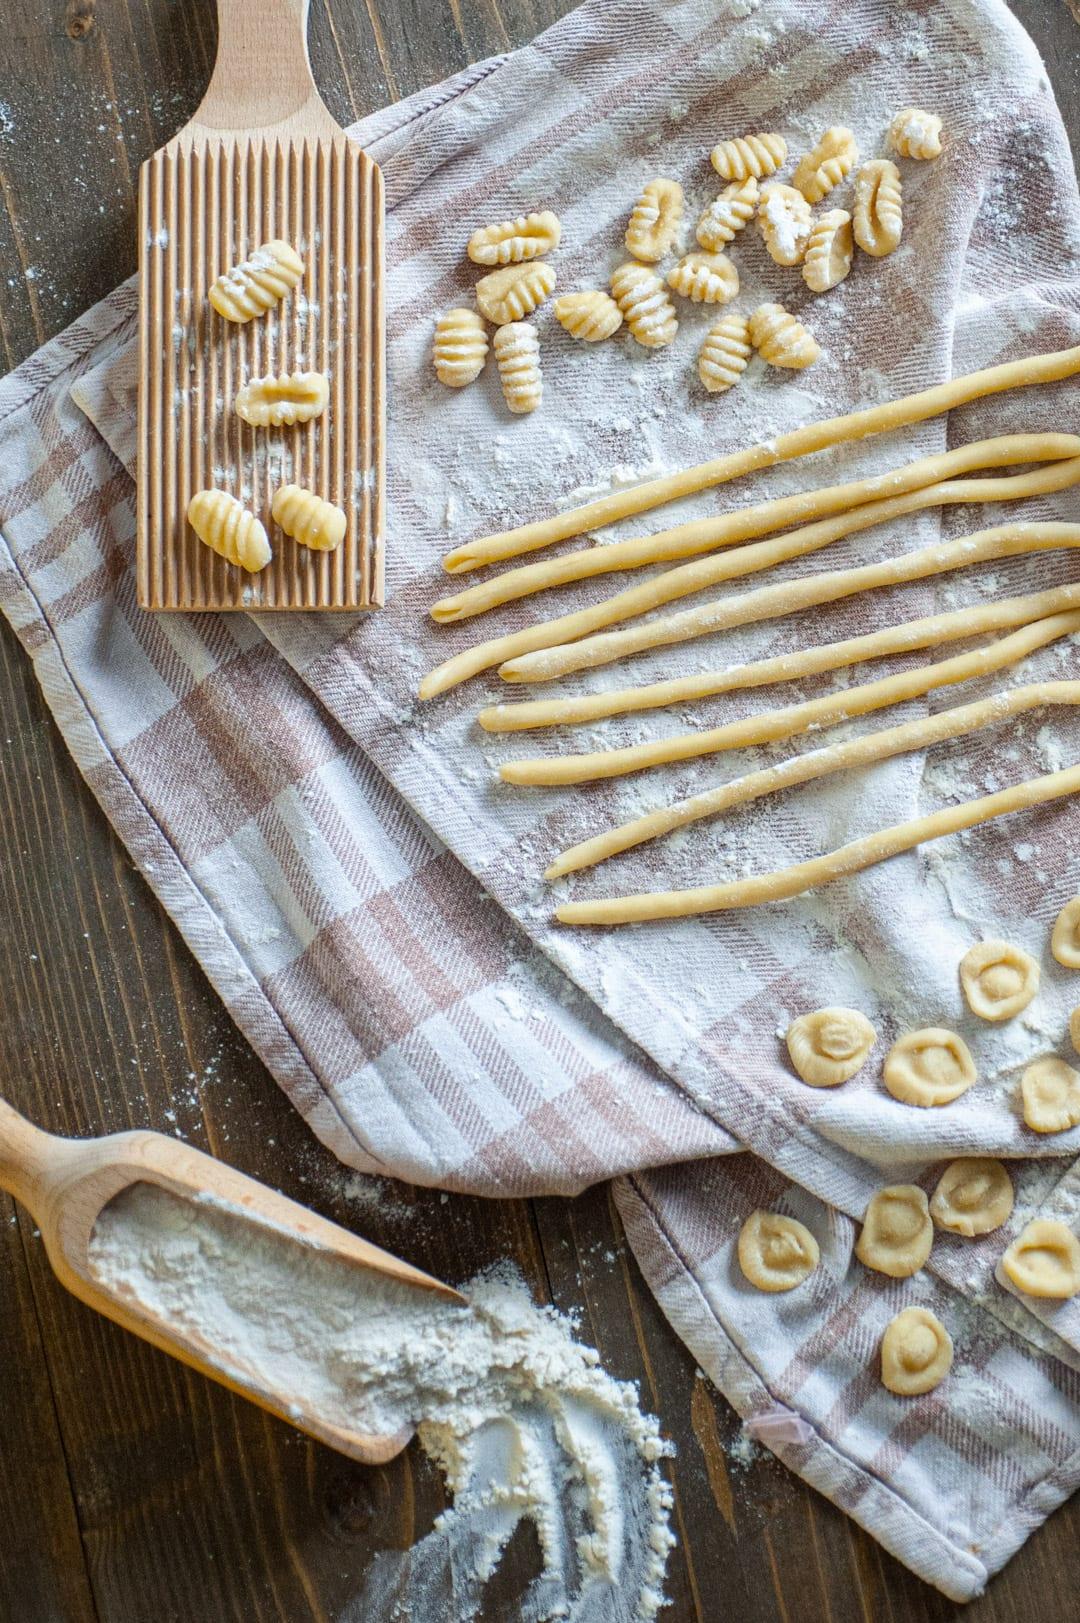 Pasta fresca di semola, per tutti i formati che preferisci